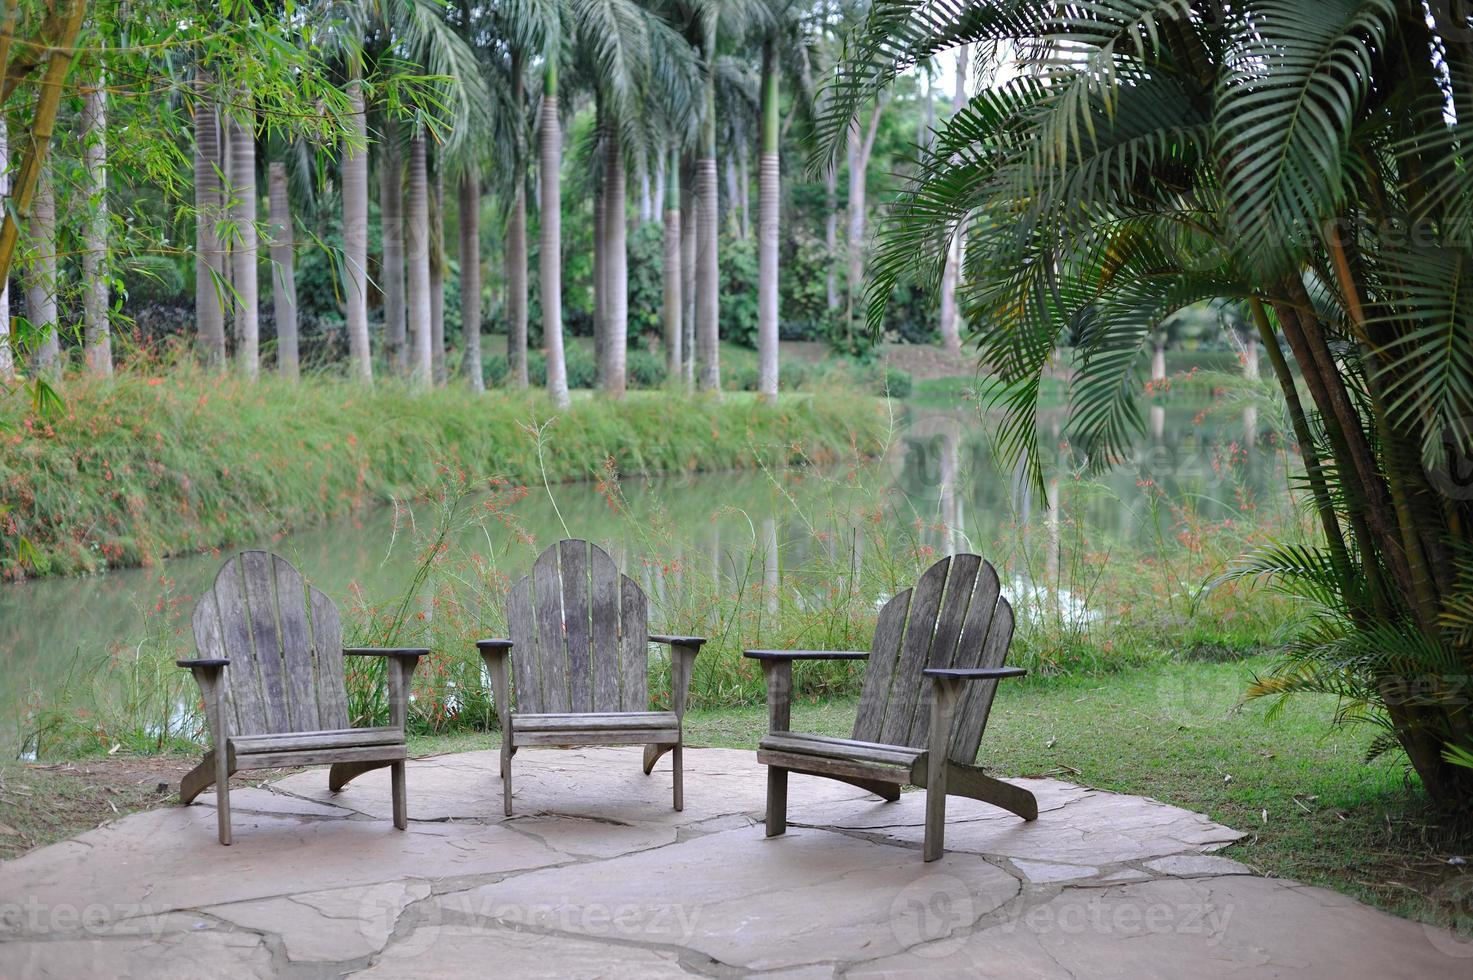 Sitzecke in einem brasilianischen Park foto